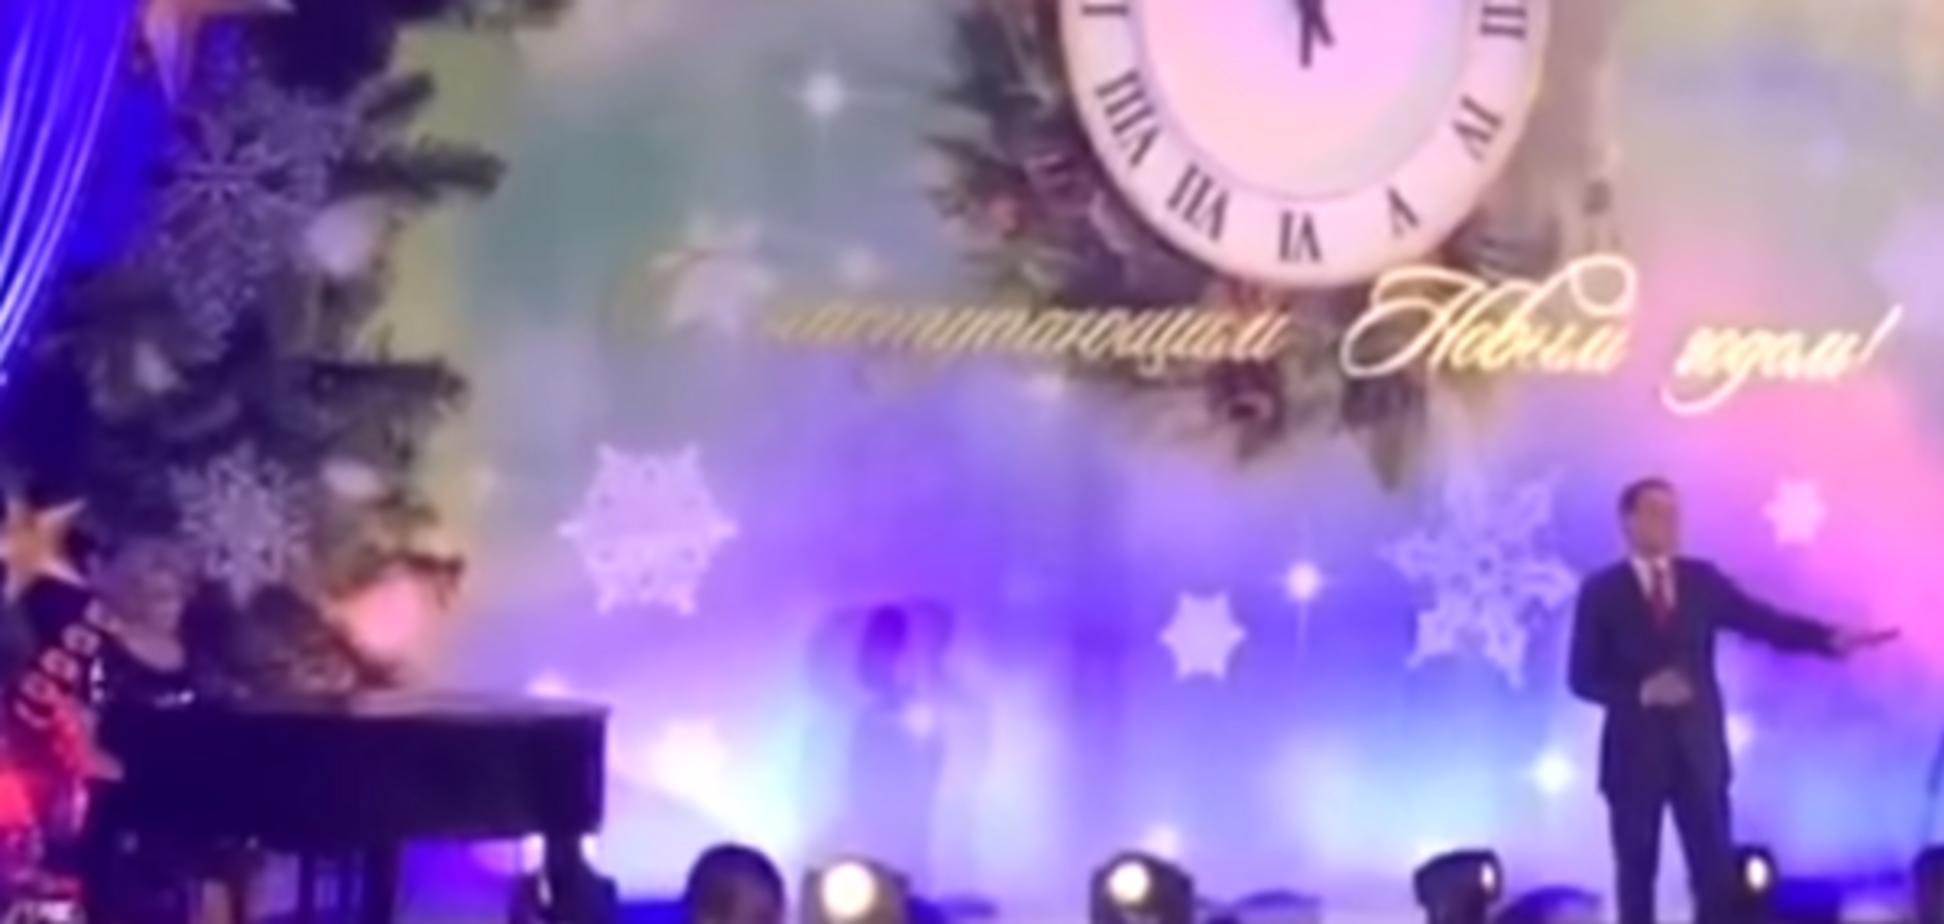 Спикер Госдумы 'зажигал' на корпоративе блатной песней: видеофакт